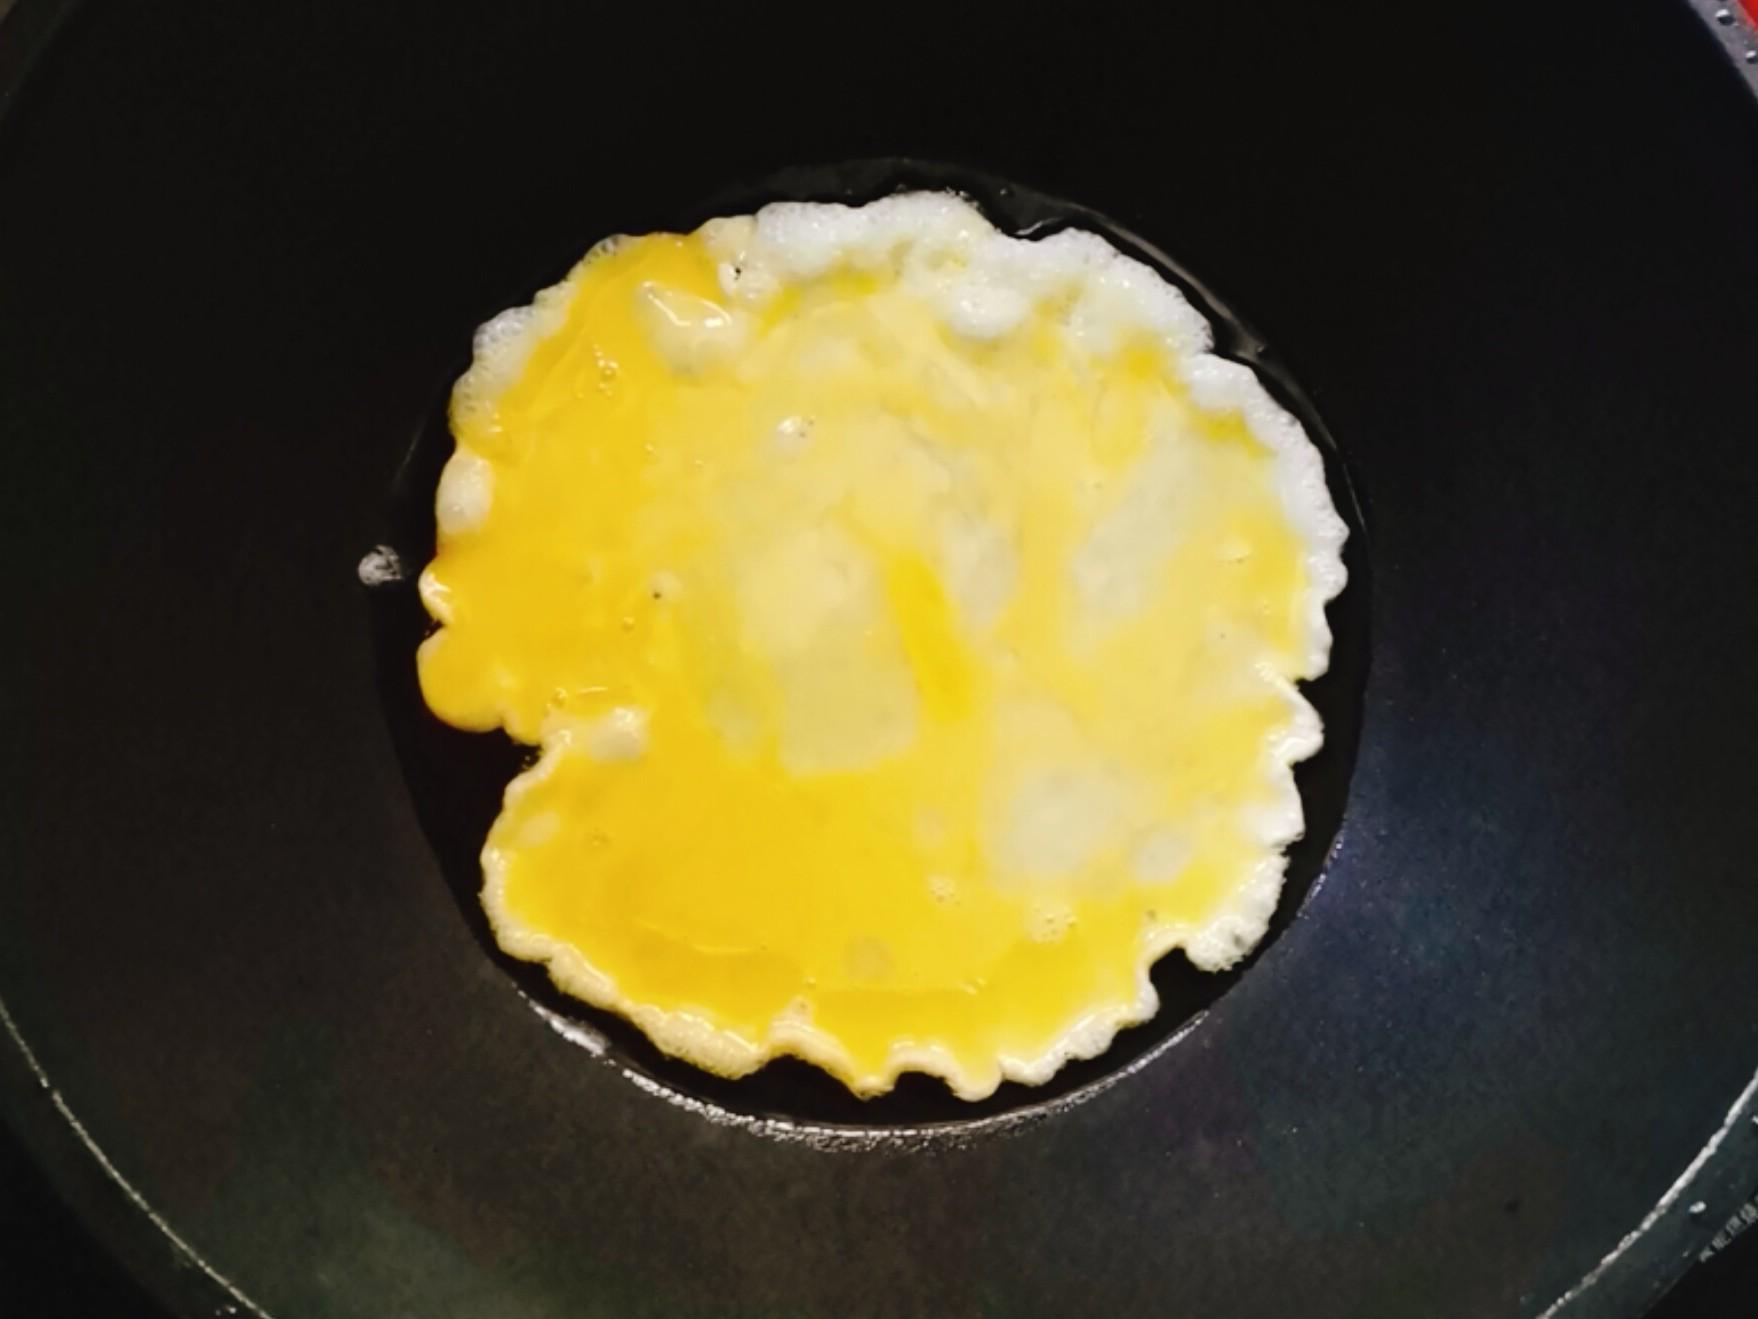 鸡蛋粉丝炒包菜的步骤